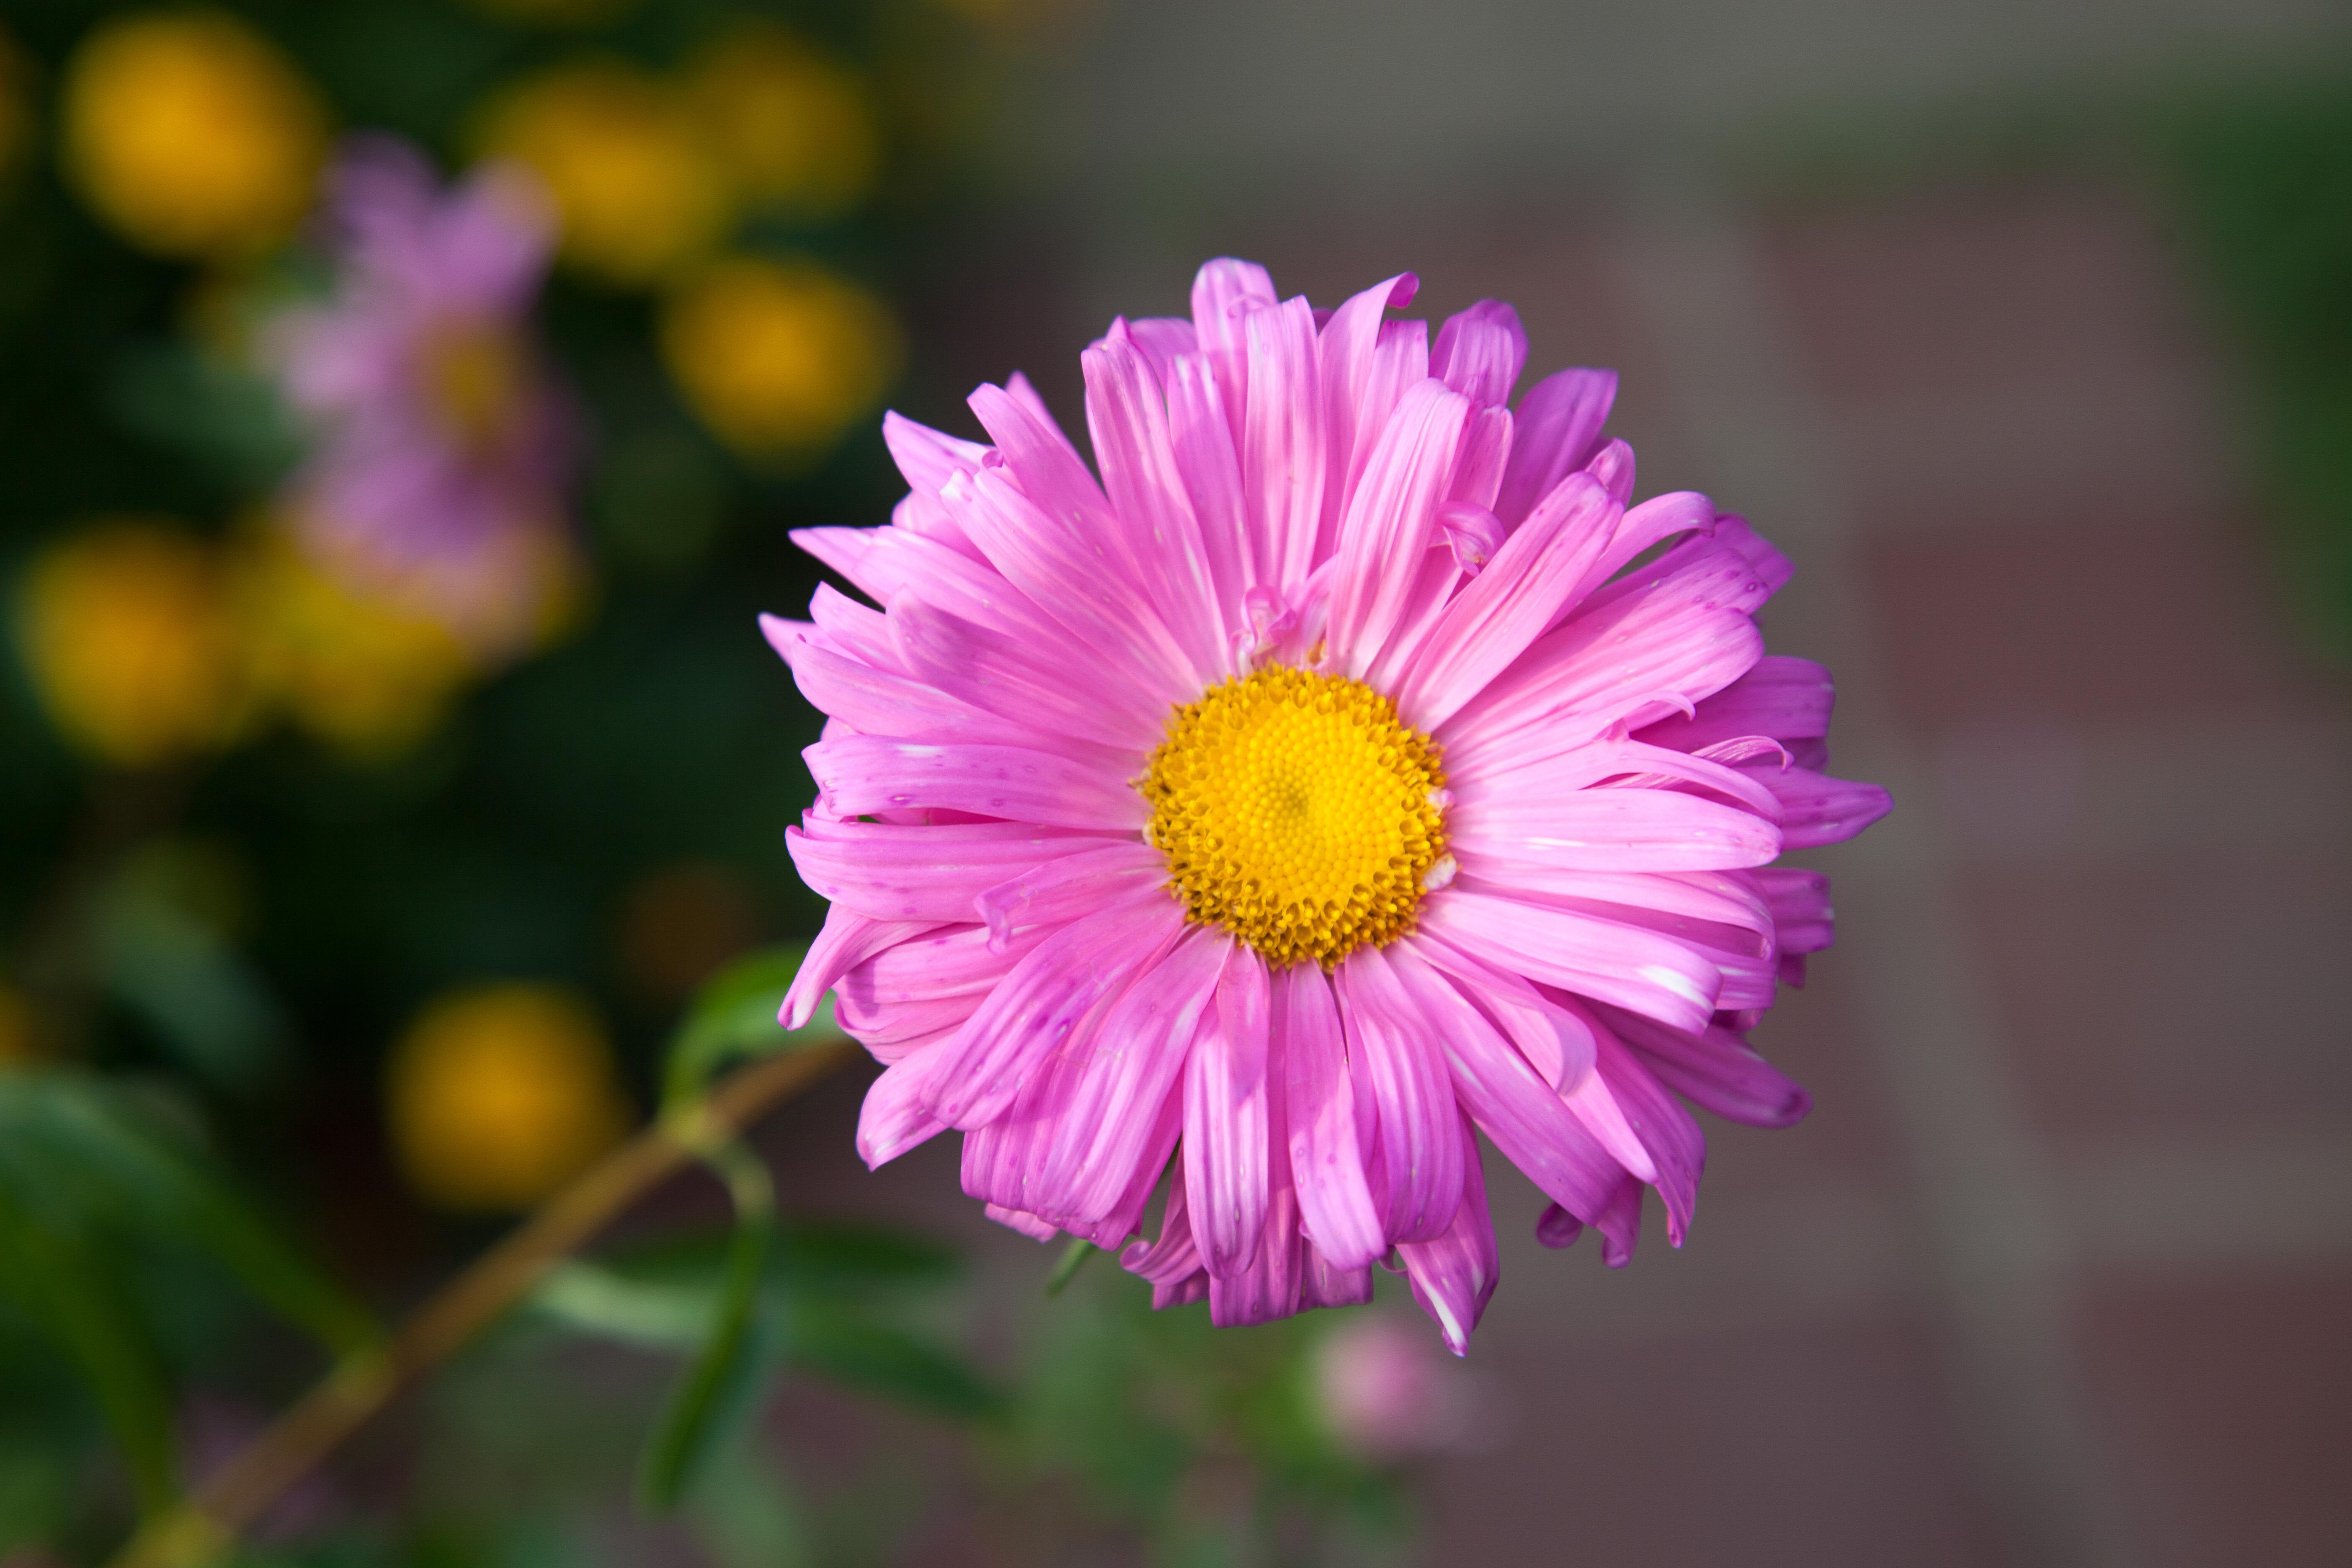 Flower 5D mark II.jpg